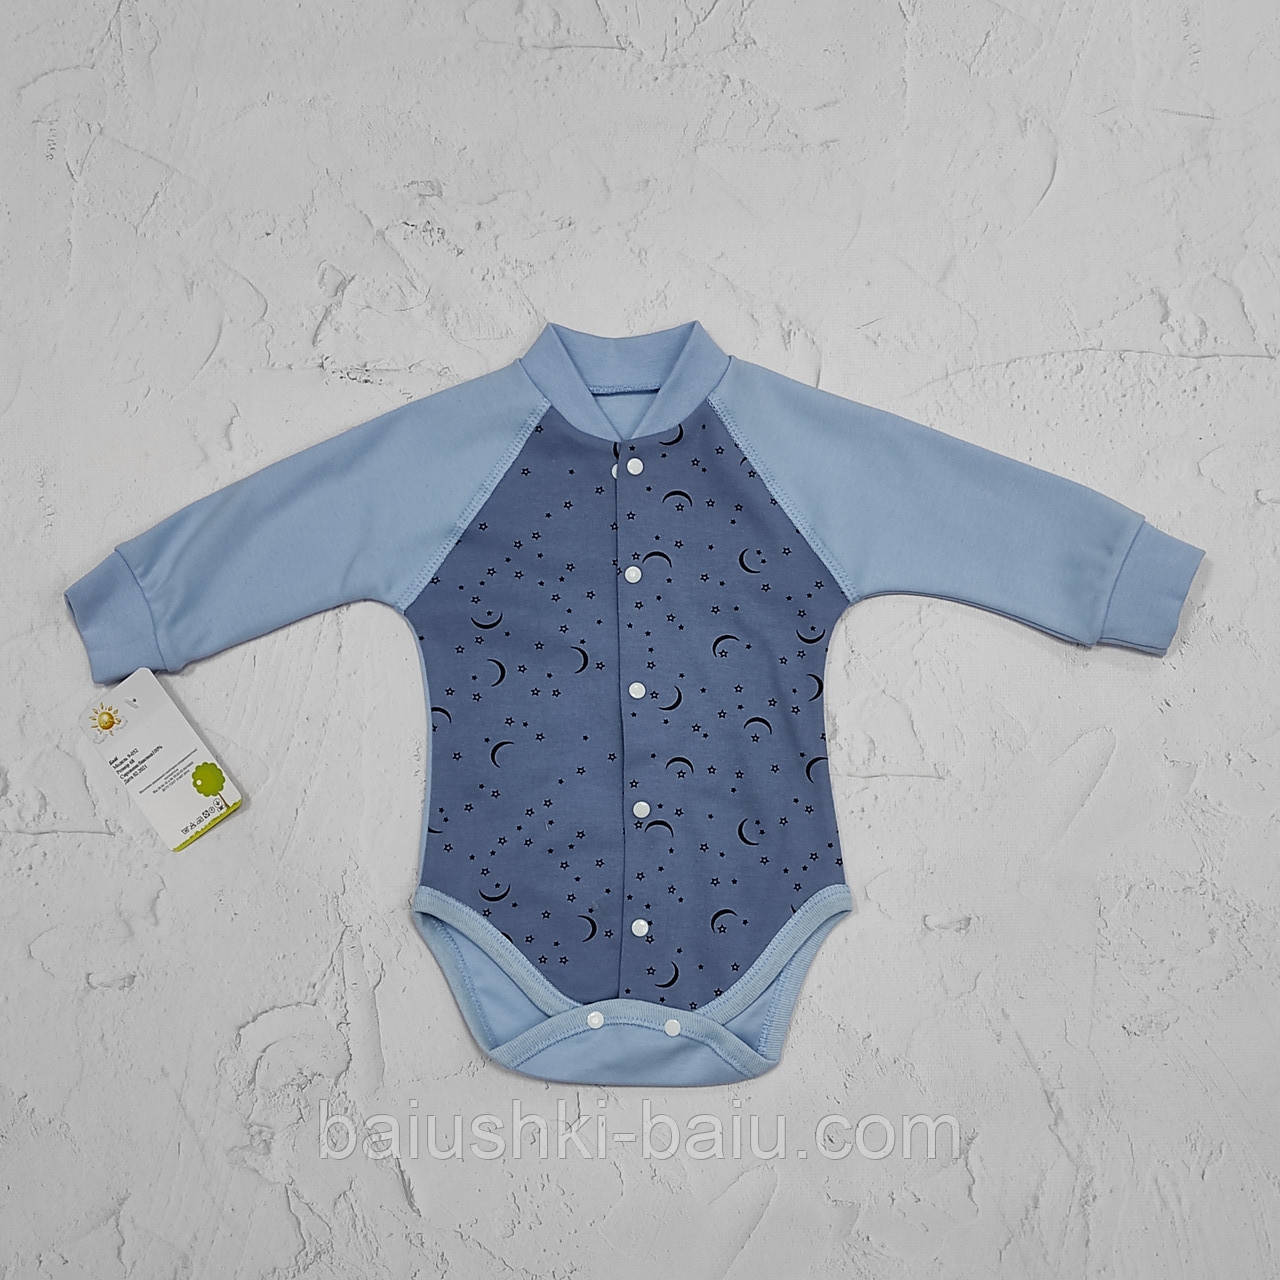 Боди на кнопках для новорожденного малыша (интерлок)